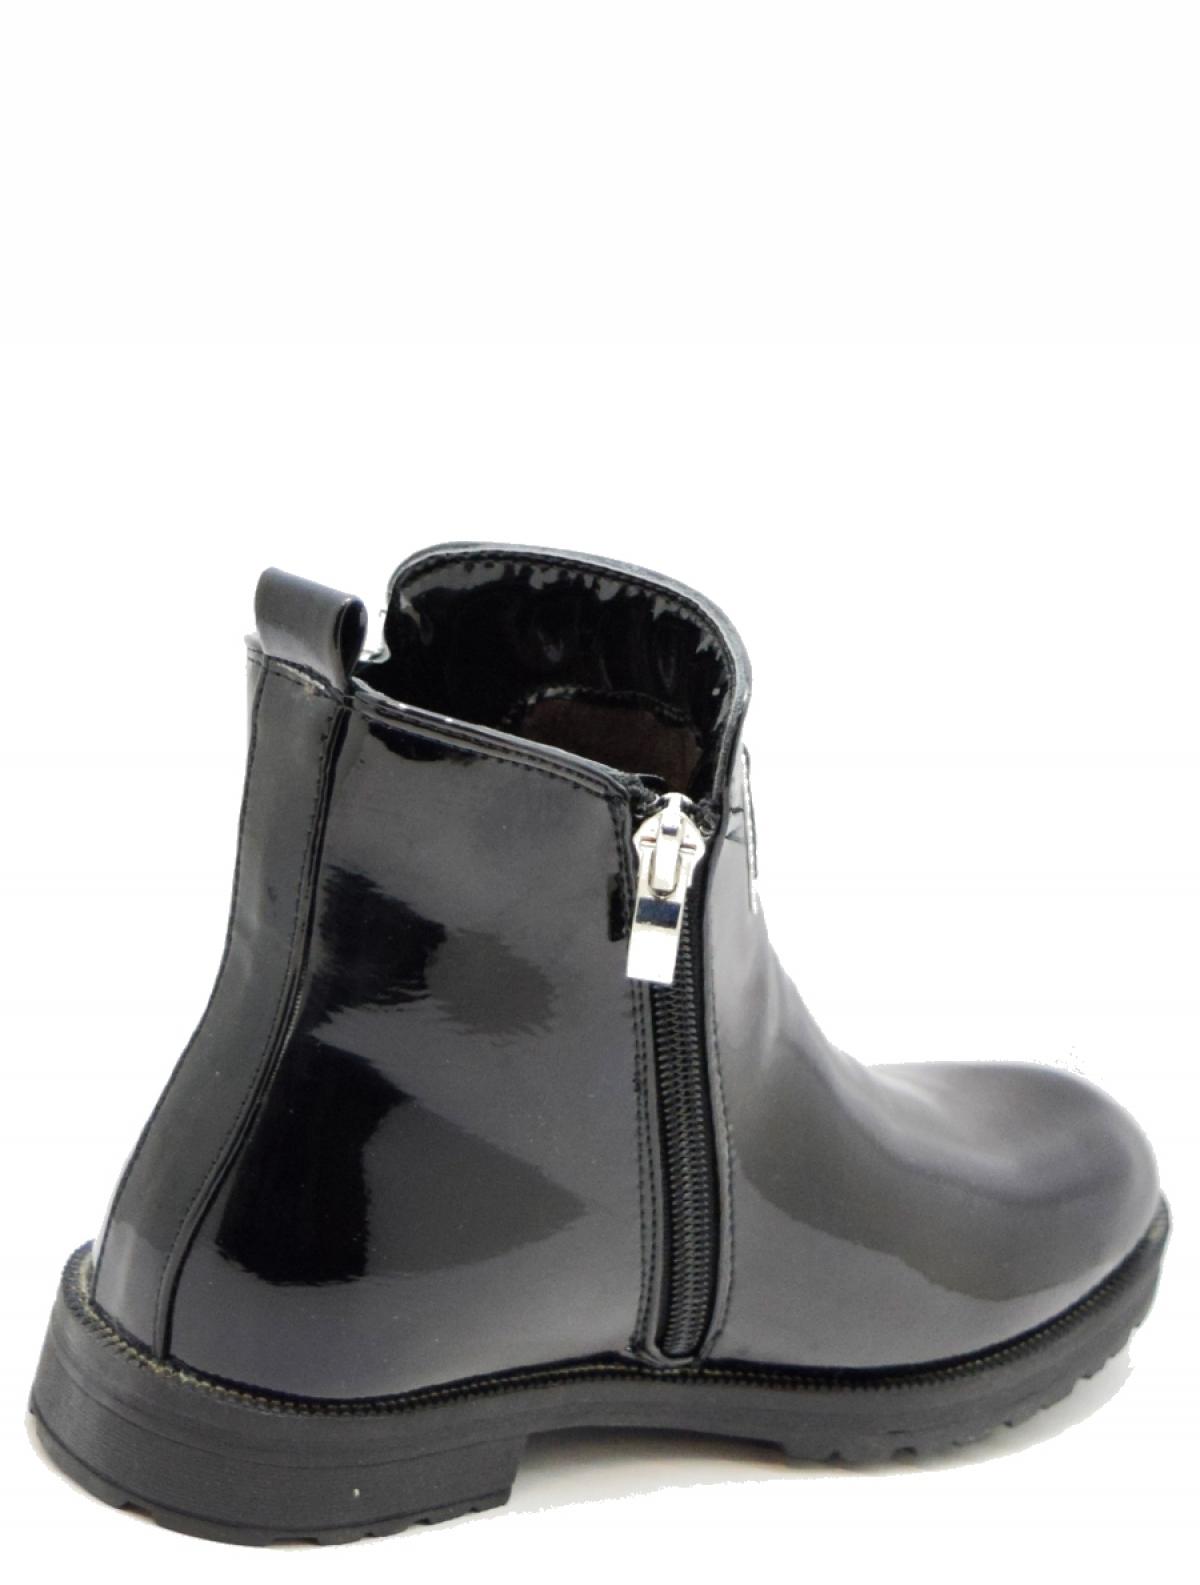 8068-1502UR ботинки для девочки